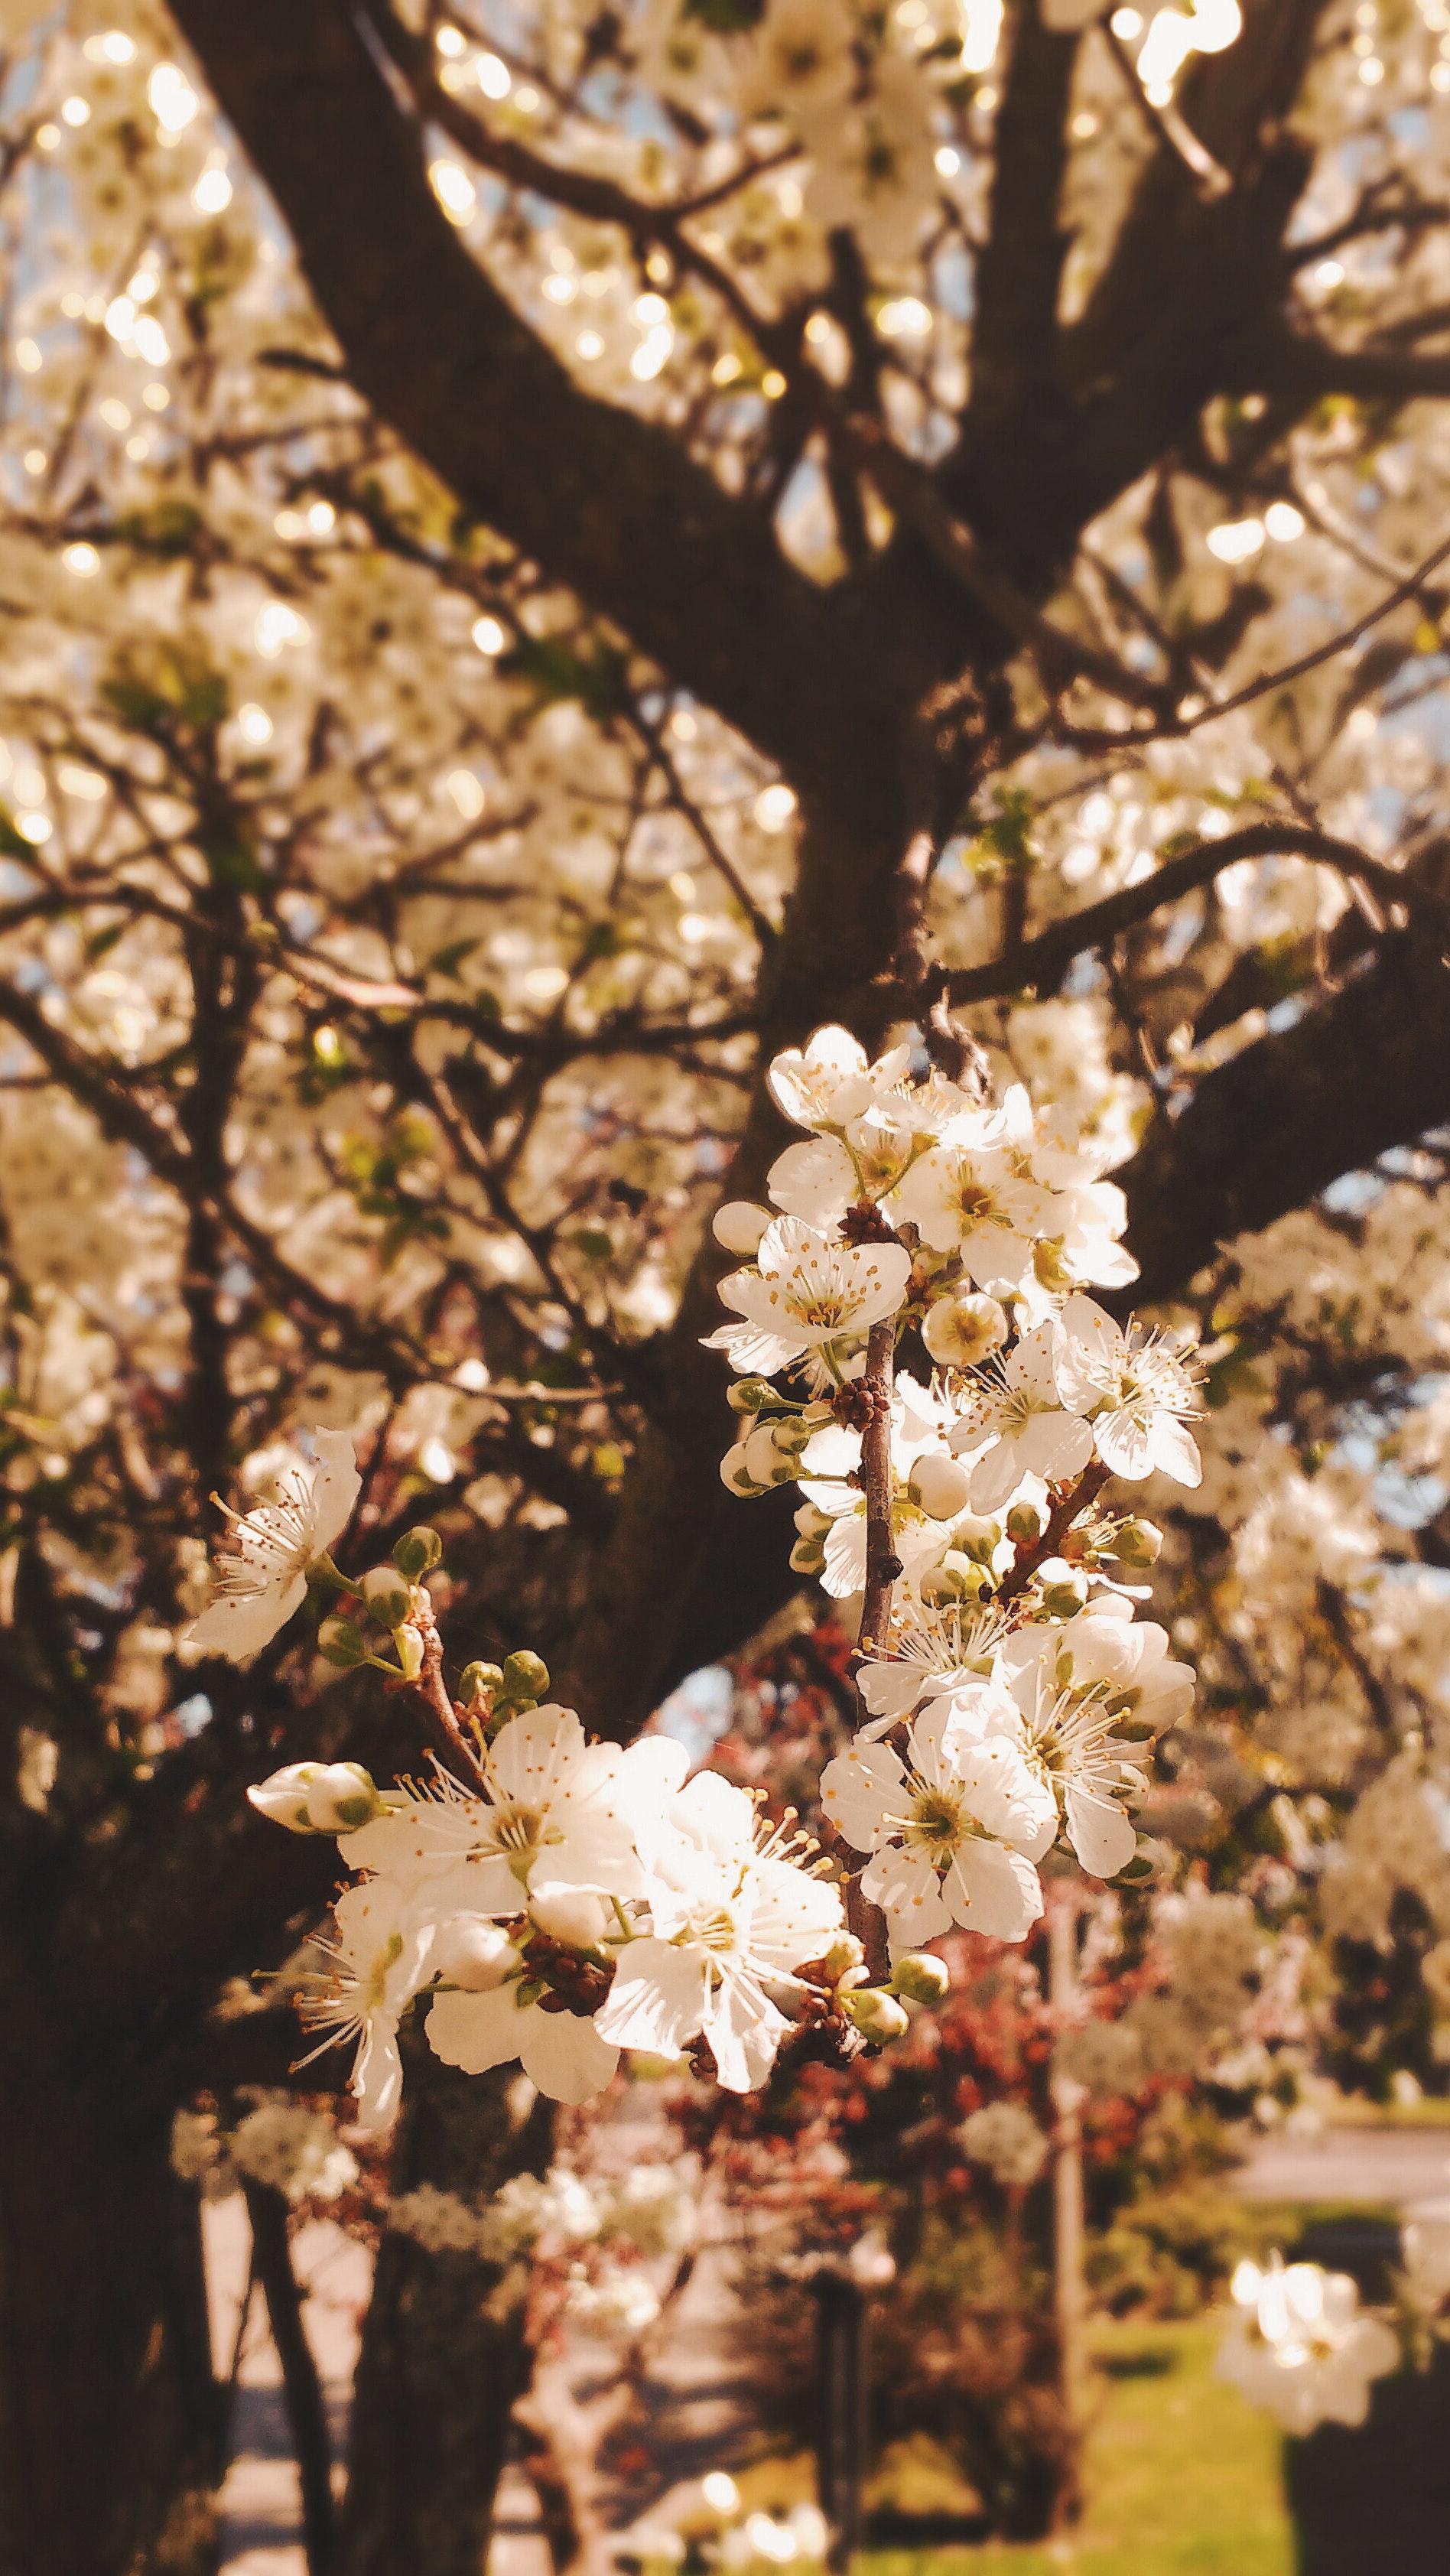 Foto Gratuita Di Albero In Fiore Fiori Bellissimi Sfondo Tumblr